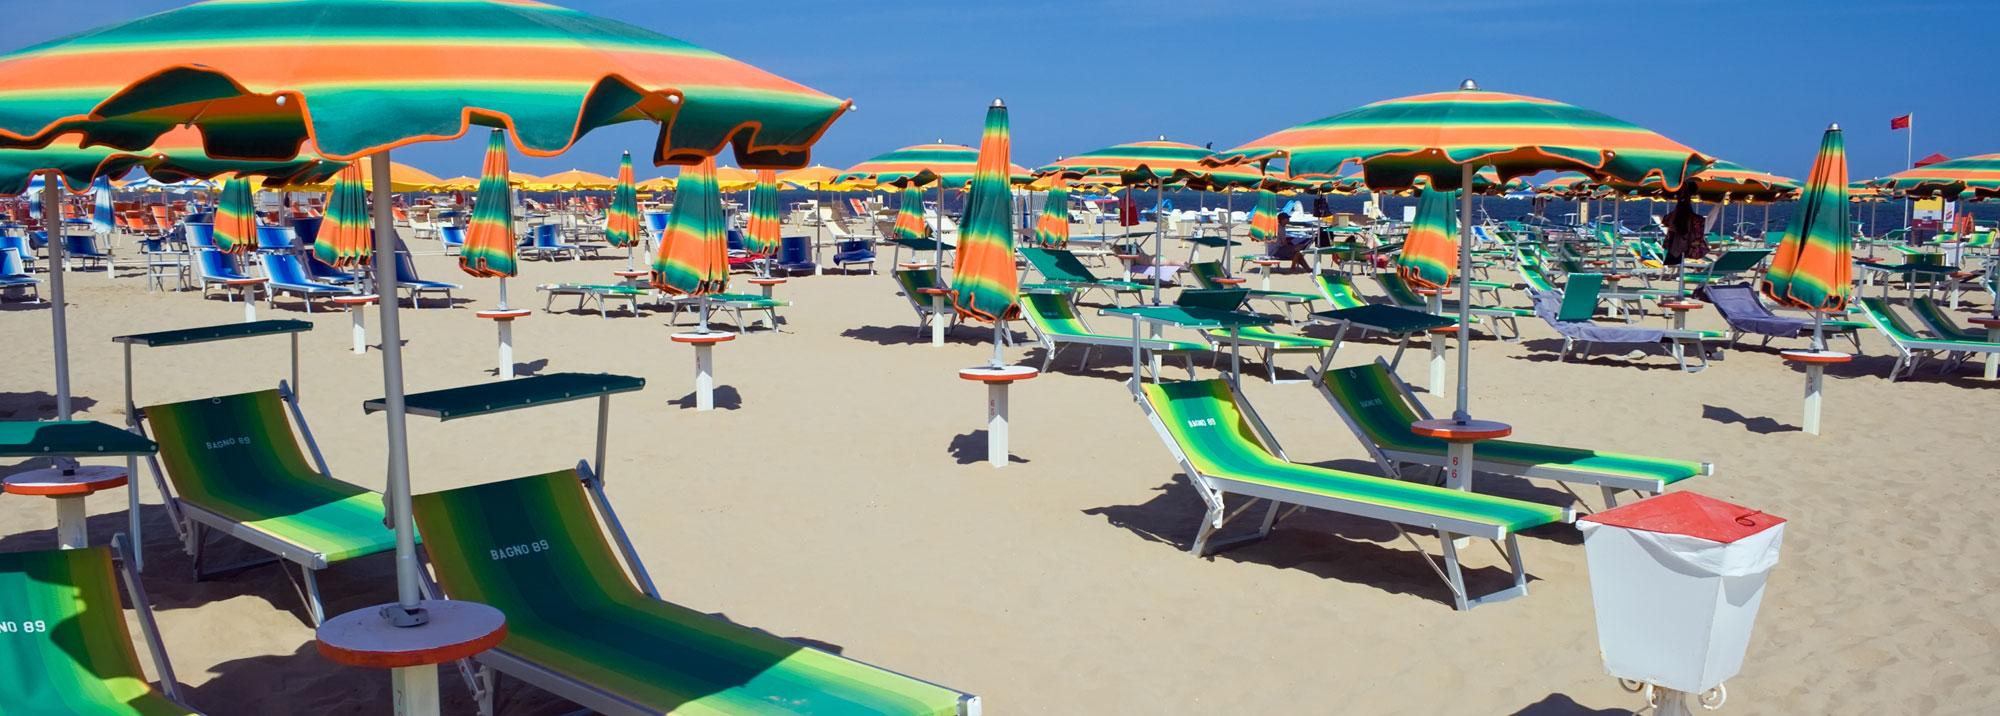 Hotel Lido Cattolica spiaggia